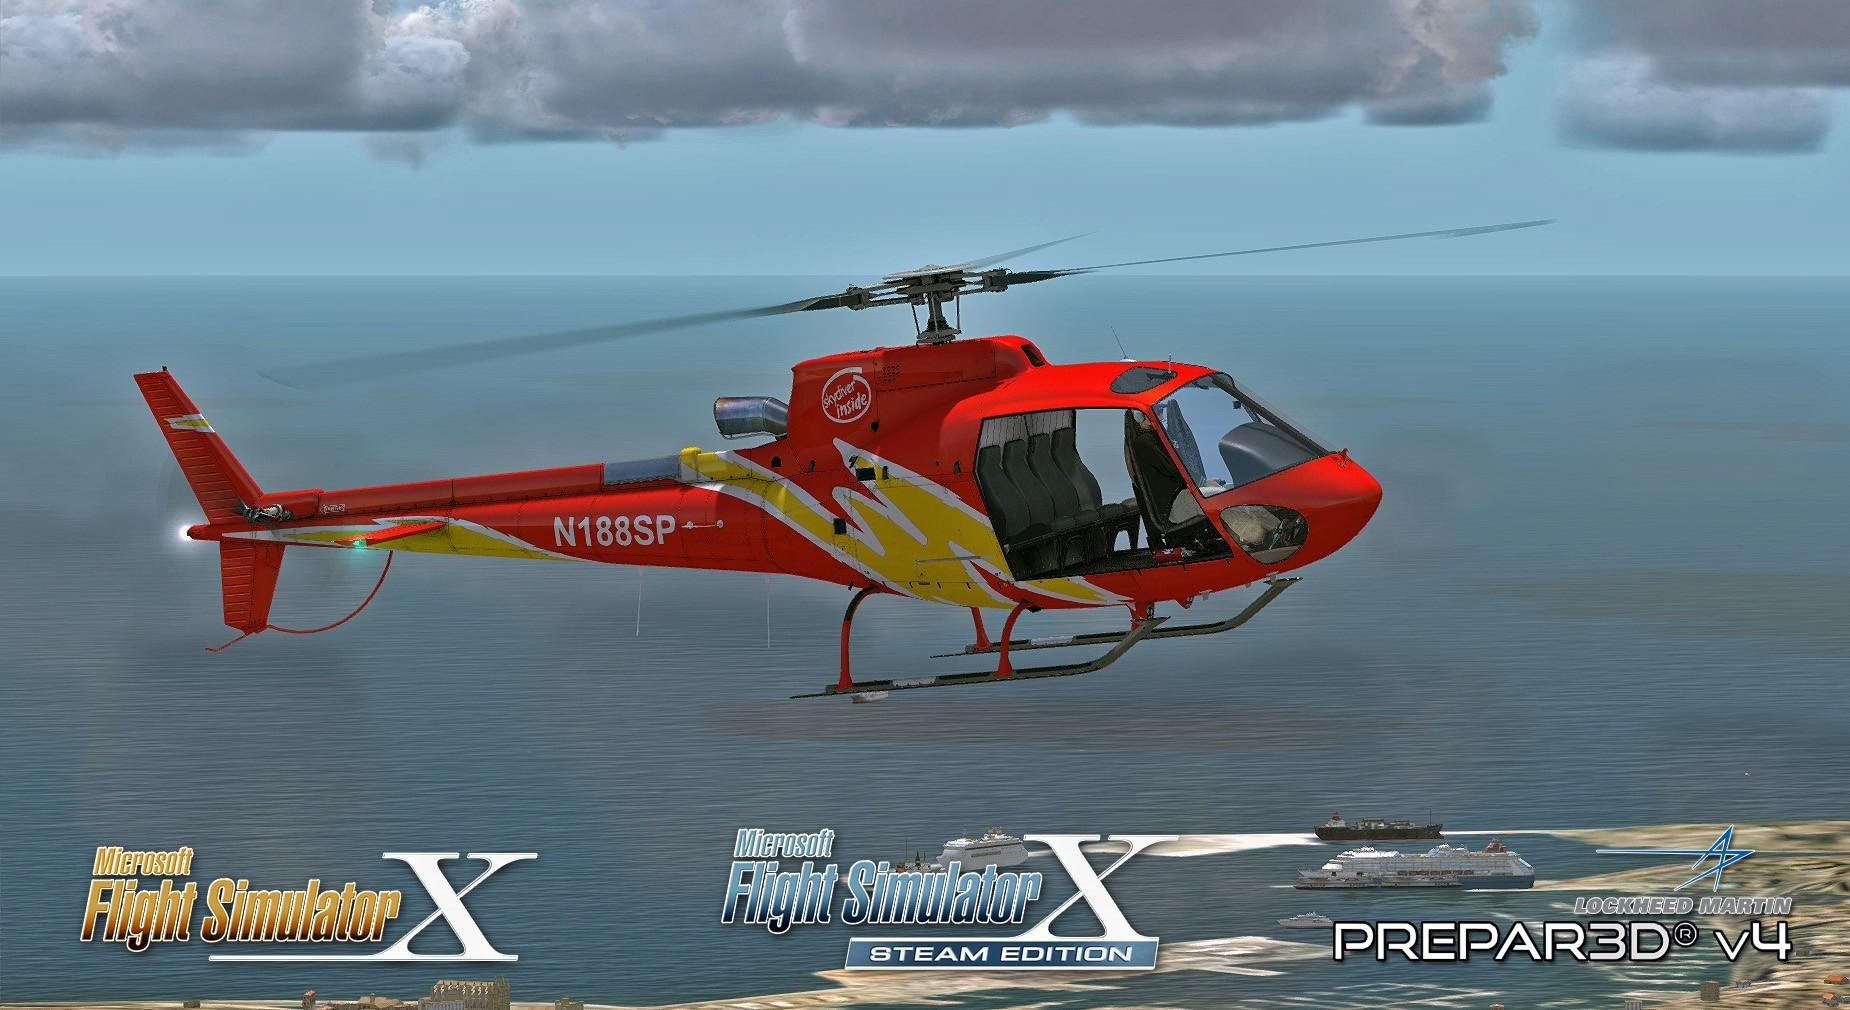 aerospatiale-as350-ecureuil-expansion-pack-fsx (1)